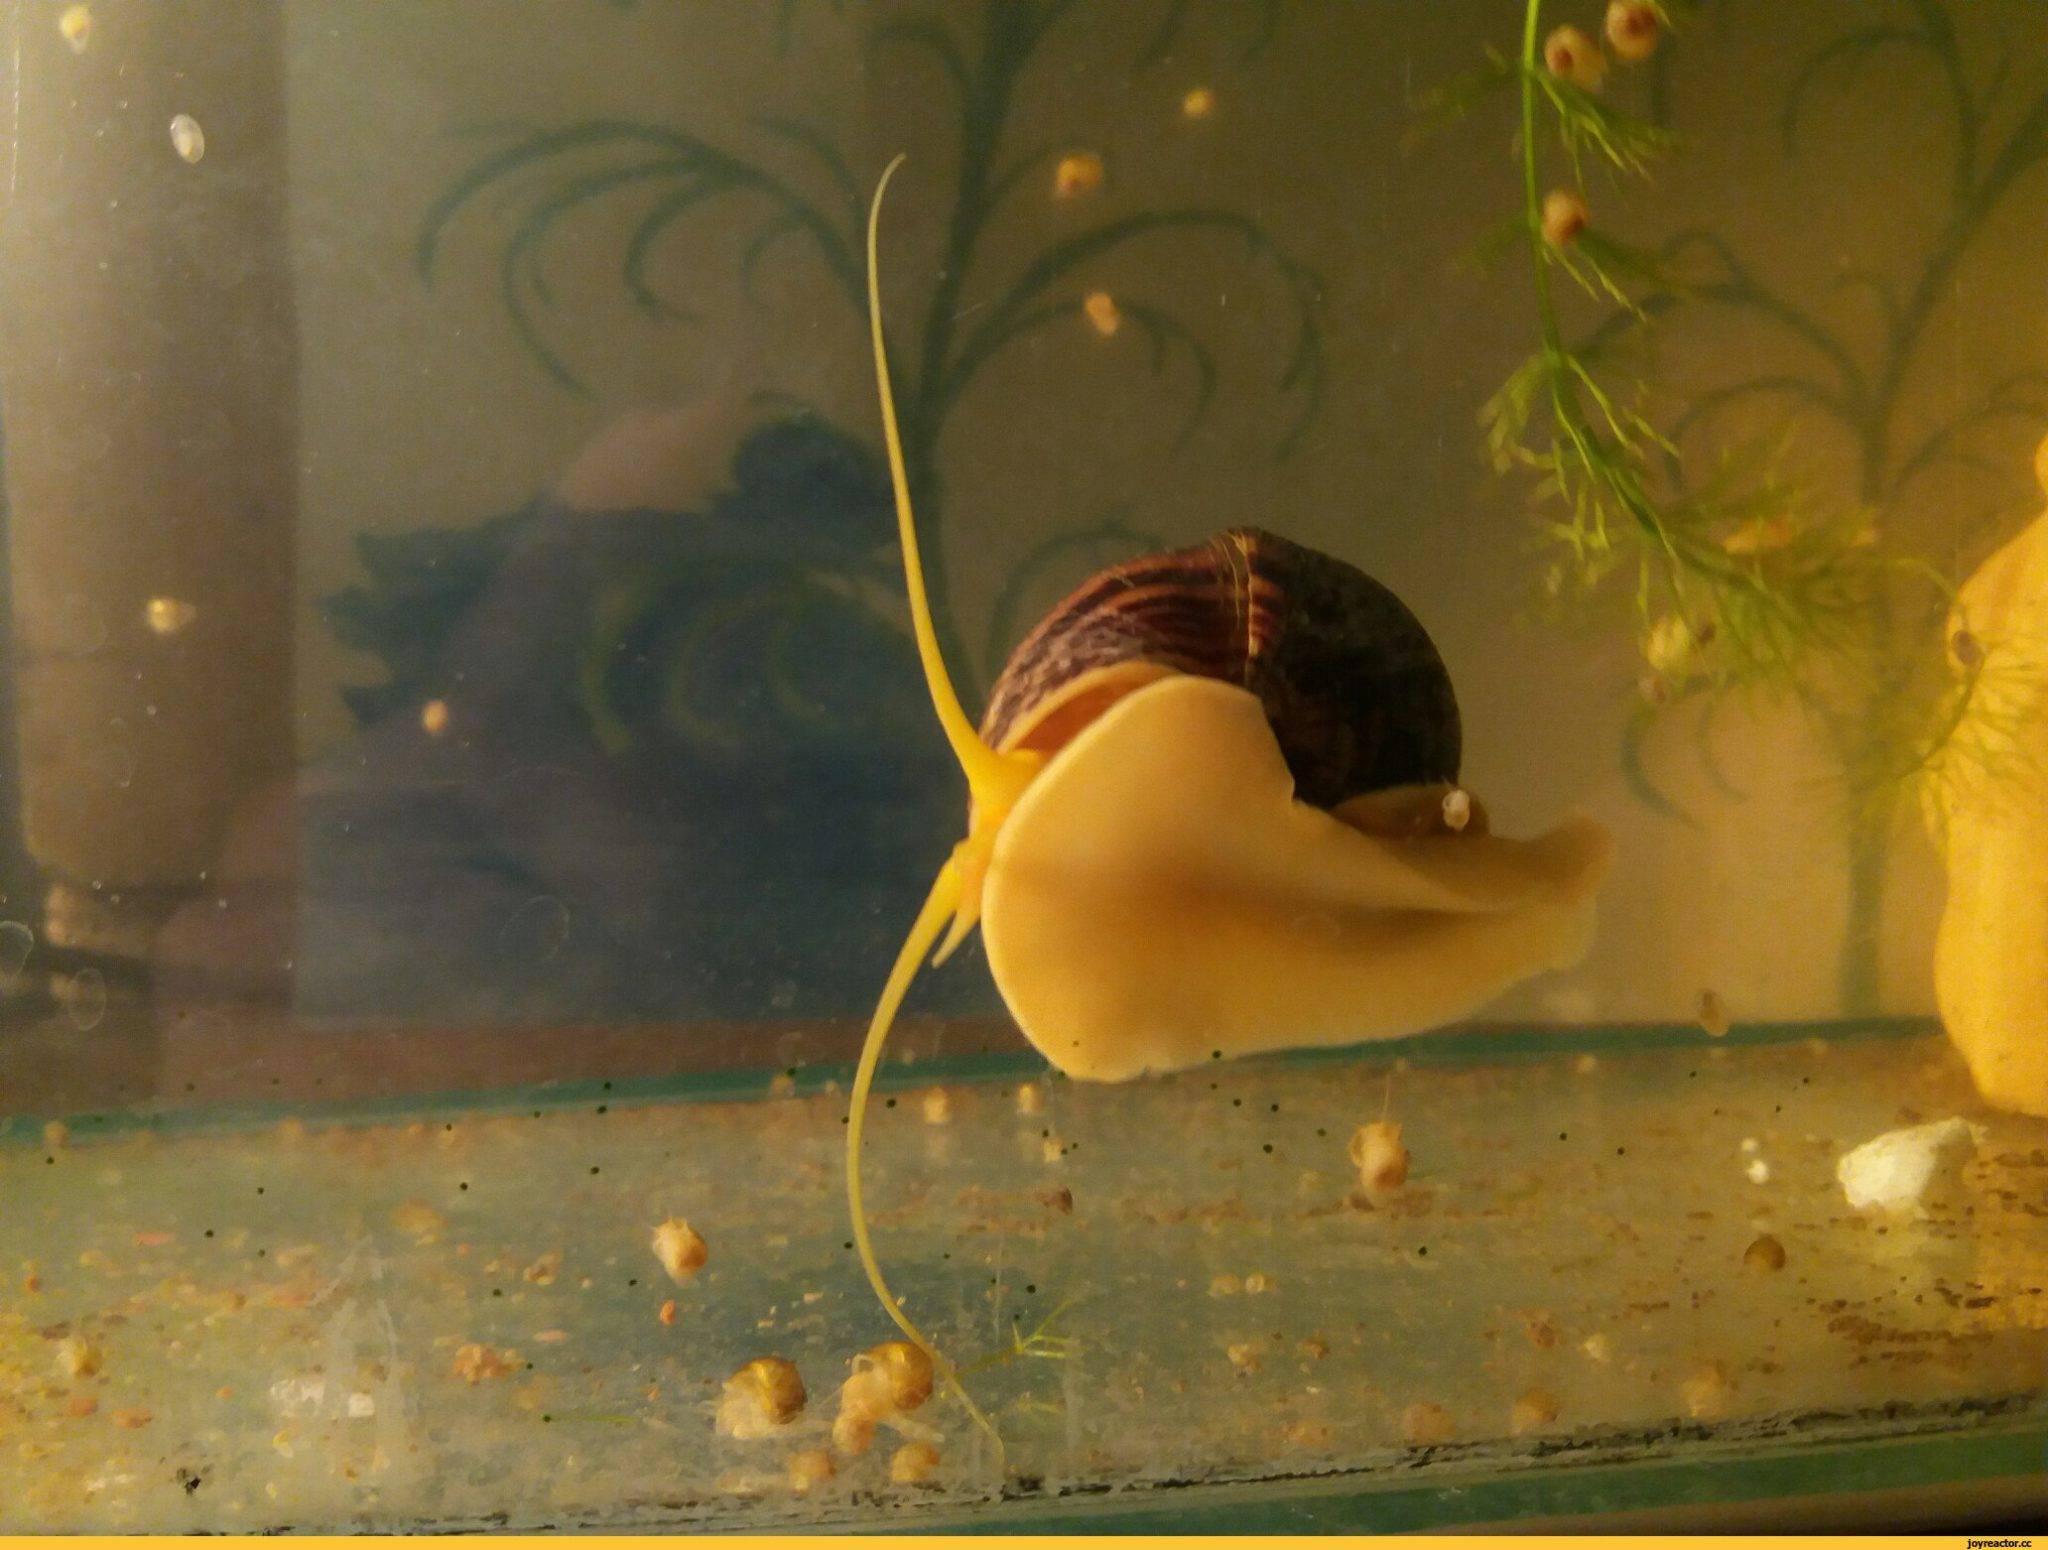 Как избавиться от улиток в аквариуме : как вывести улиток, как бороться, средство от улиток, ловушка для улиток, появились улитки, что делать, как уничтожить